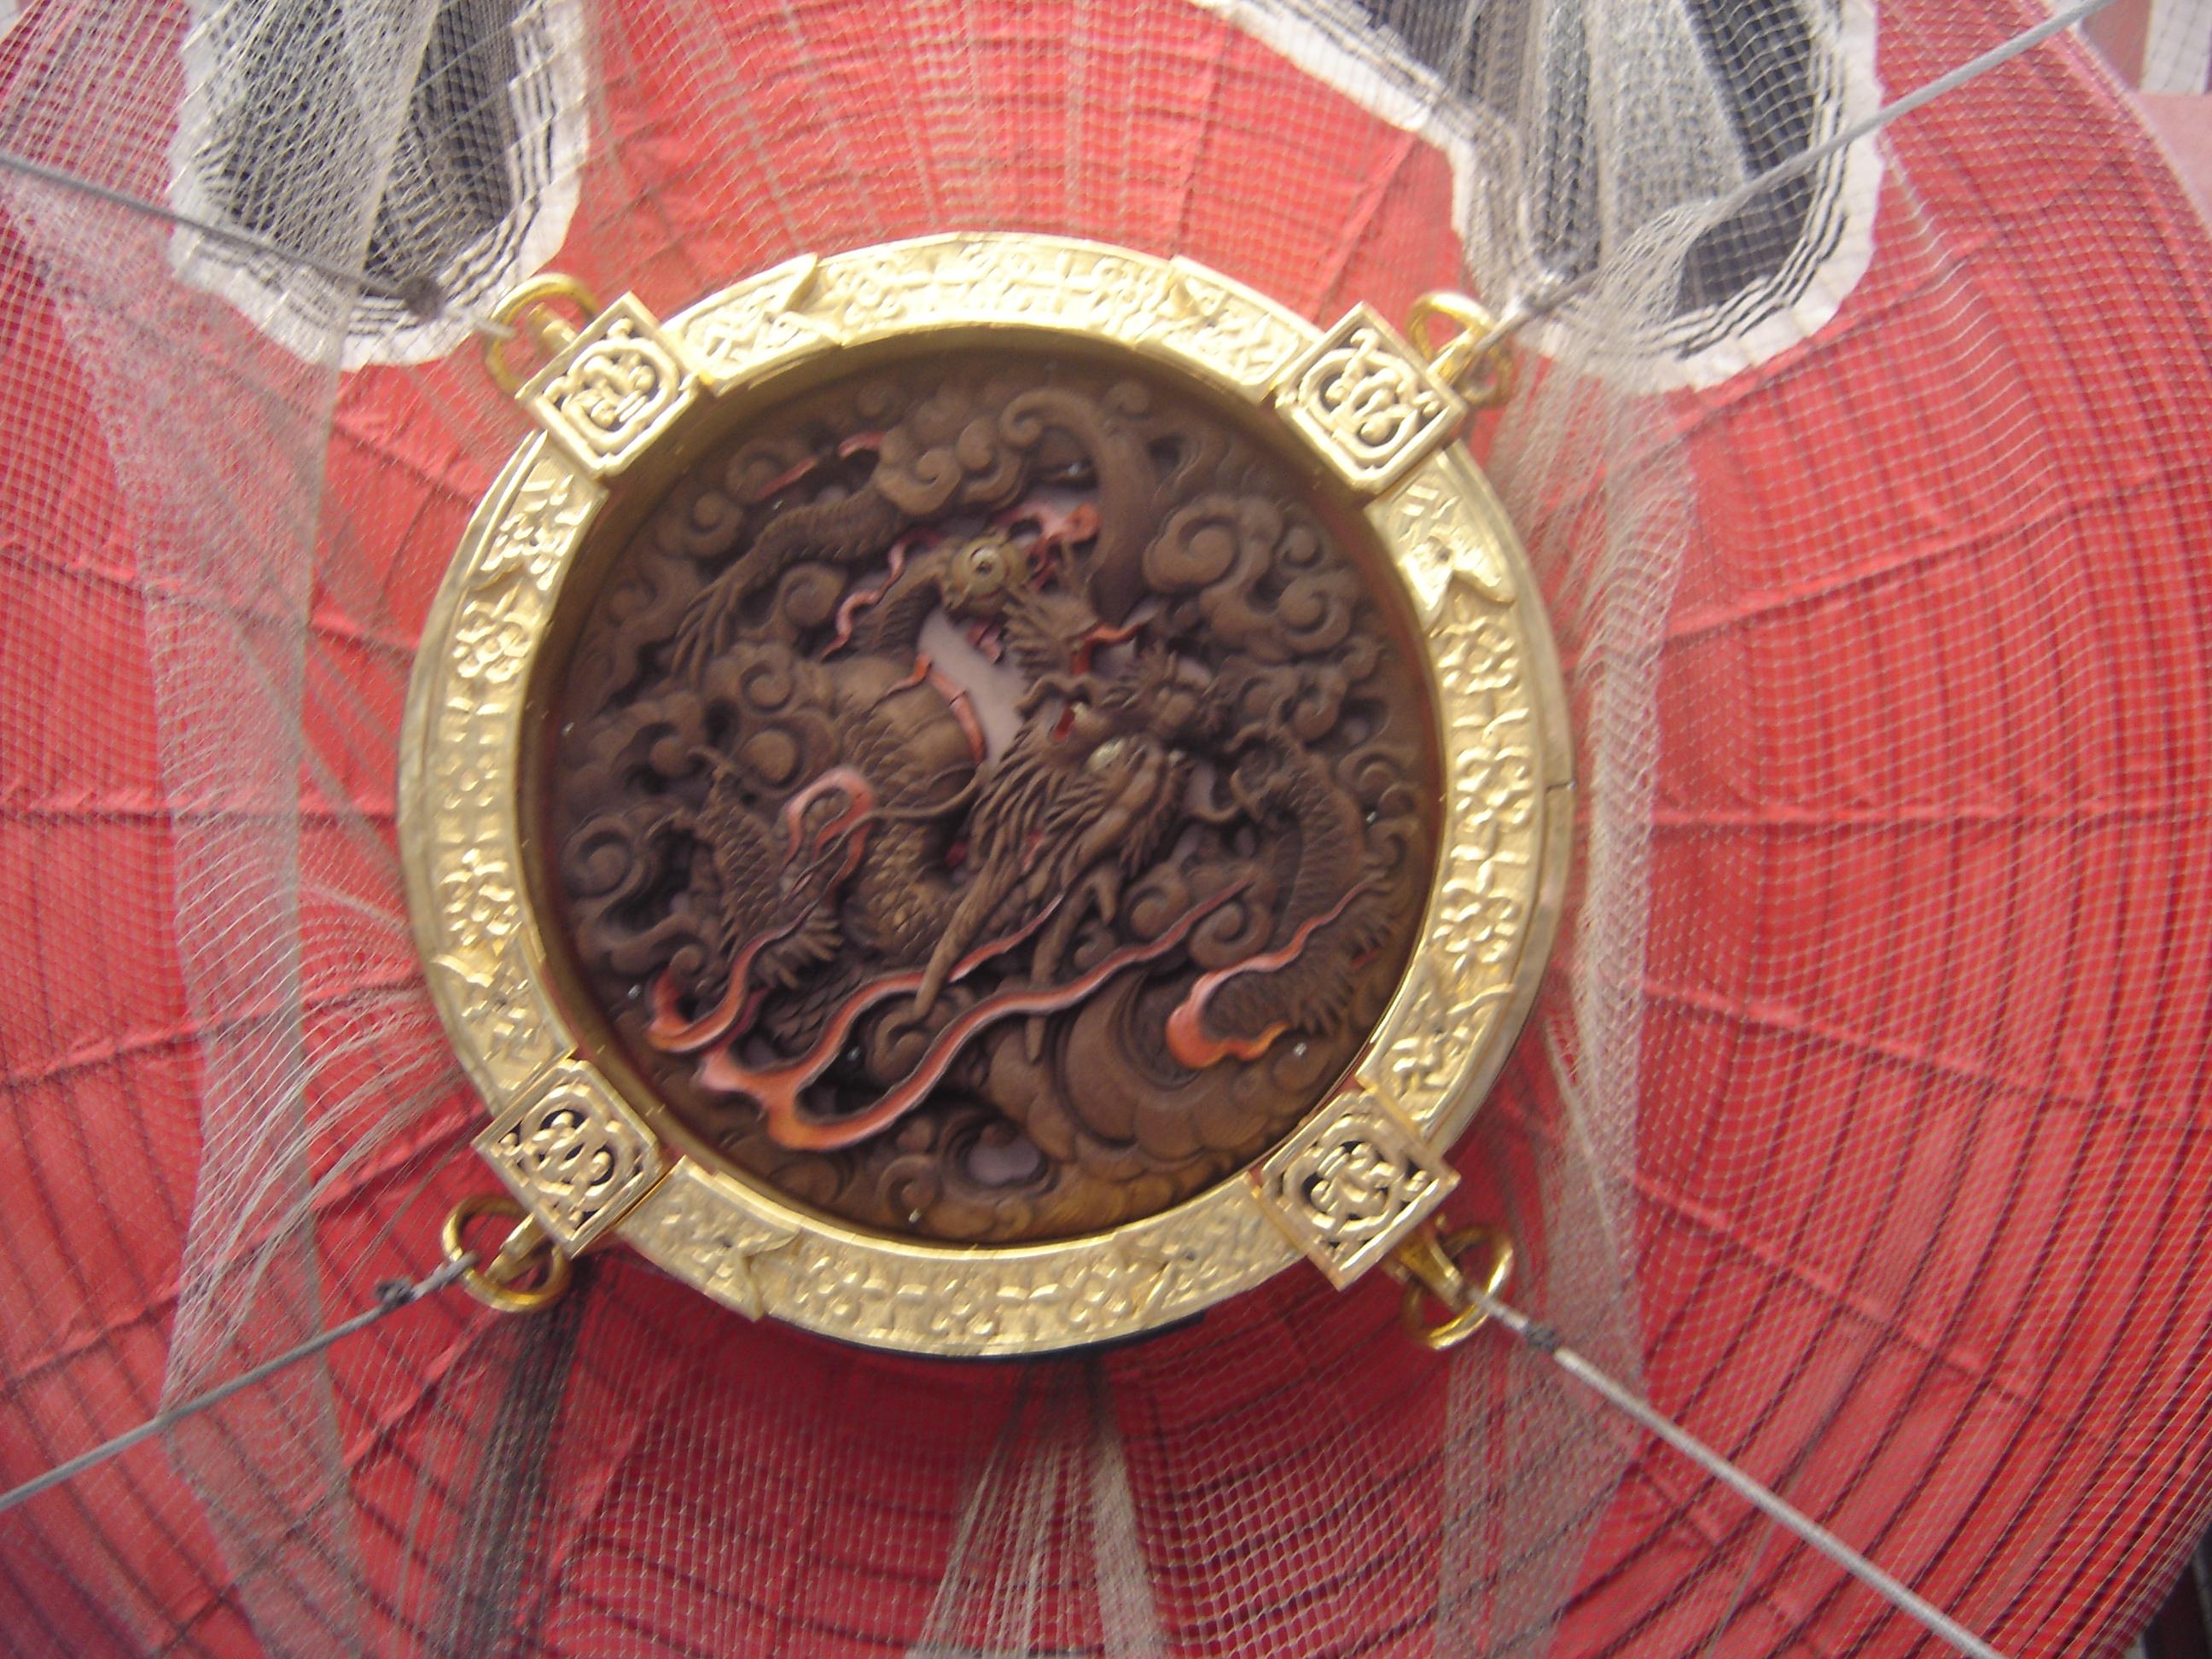 kaminarimon lantern bottom 2006.jpg